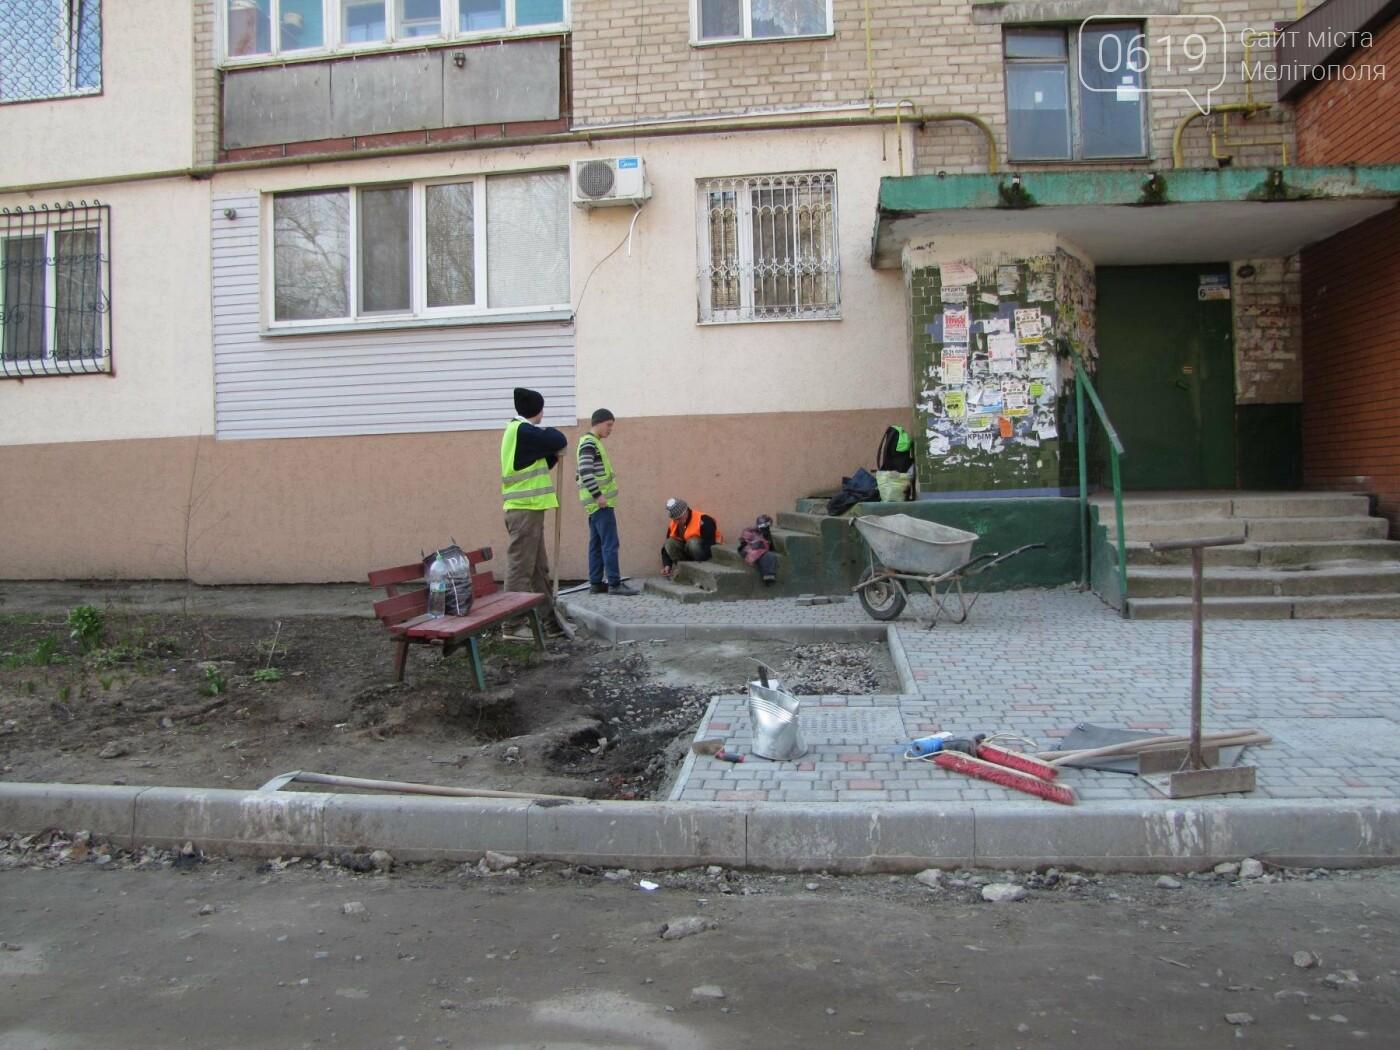 На улице Брив-ла-Гайард продолжается благоустройство внутриквартальной территории, фото-2